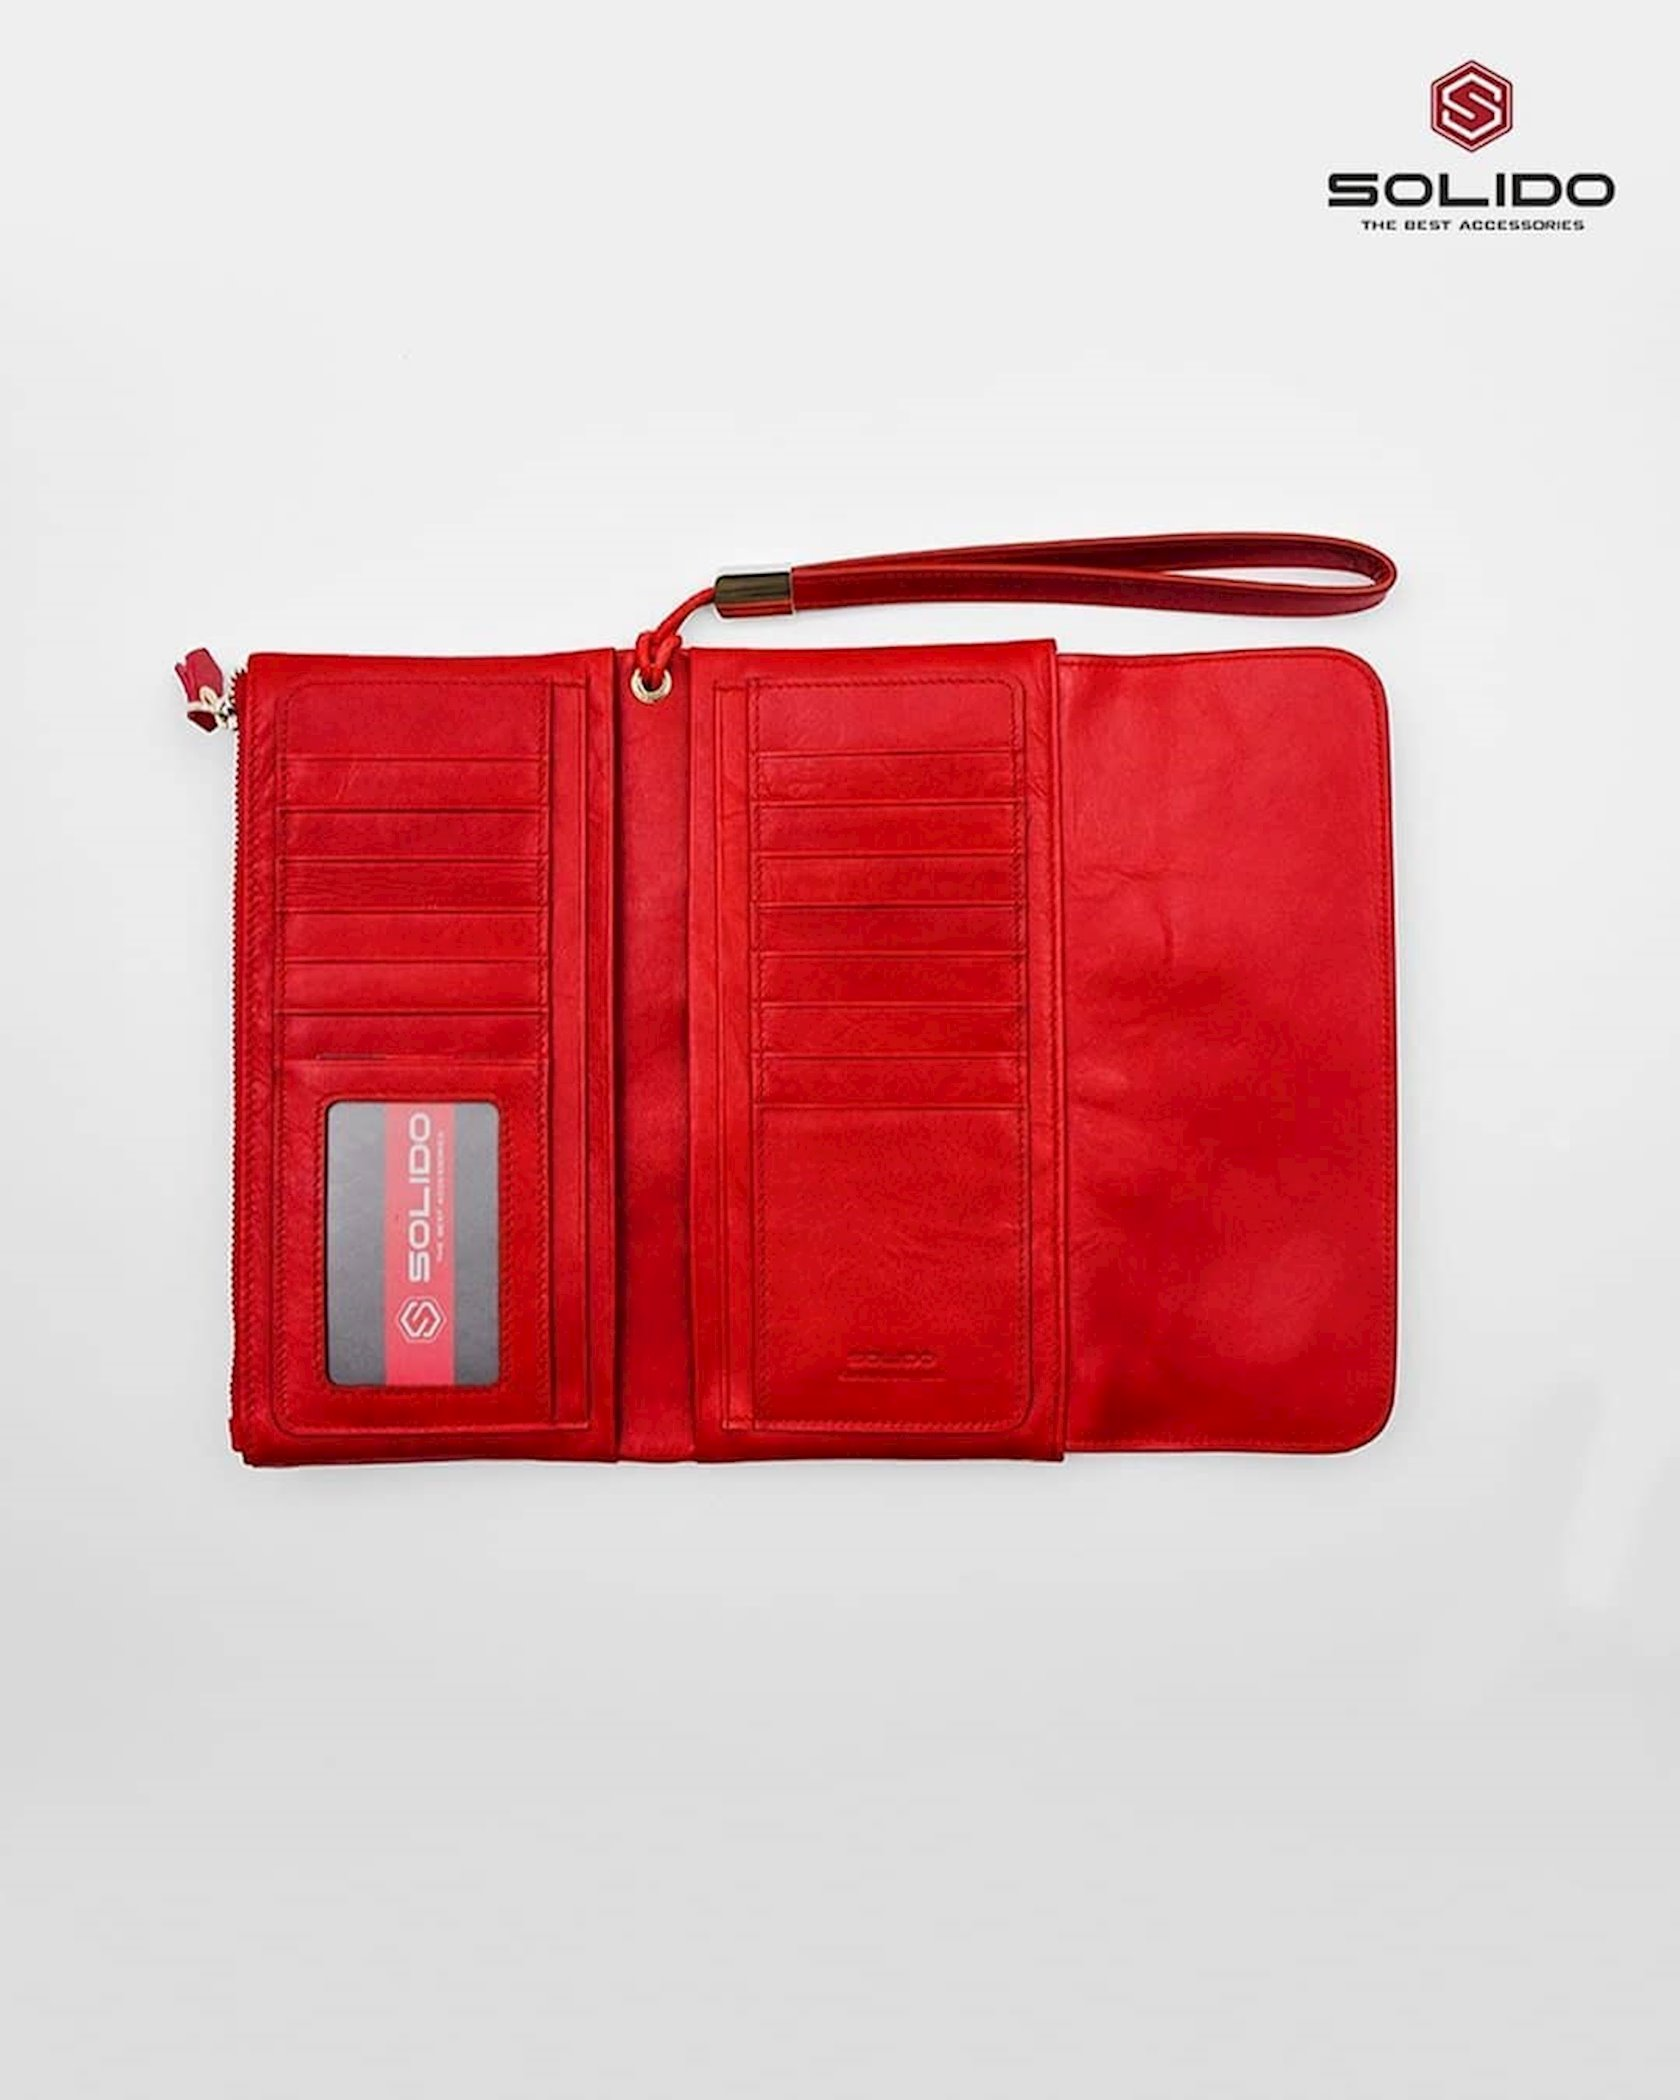 Qadınlar üçün dəri pulqabı Solido 35-F001 Qırmızı